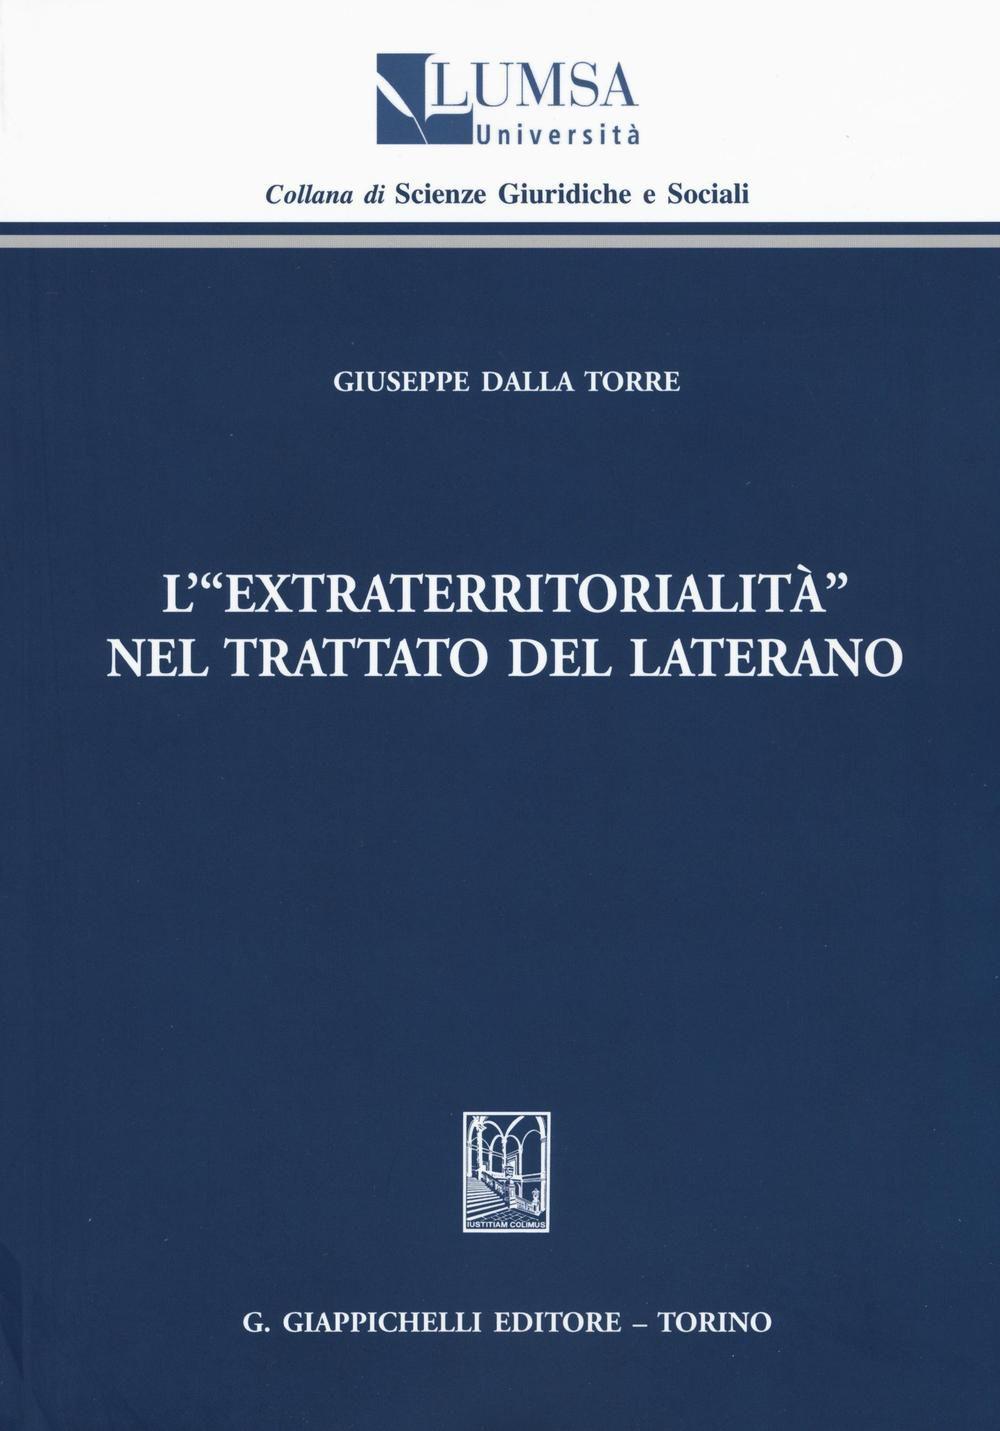 L'extraterritorialità nel Trattato del Laterano. Giuseppe Dalla Torre